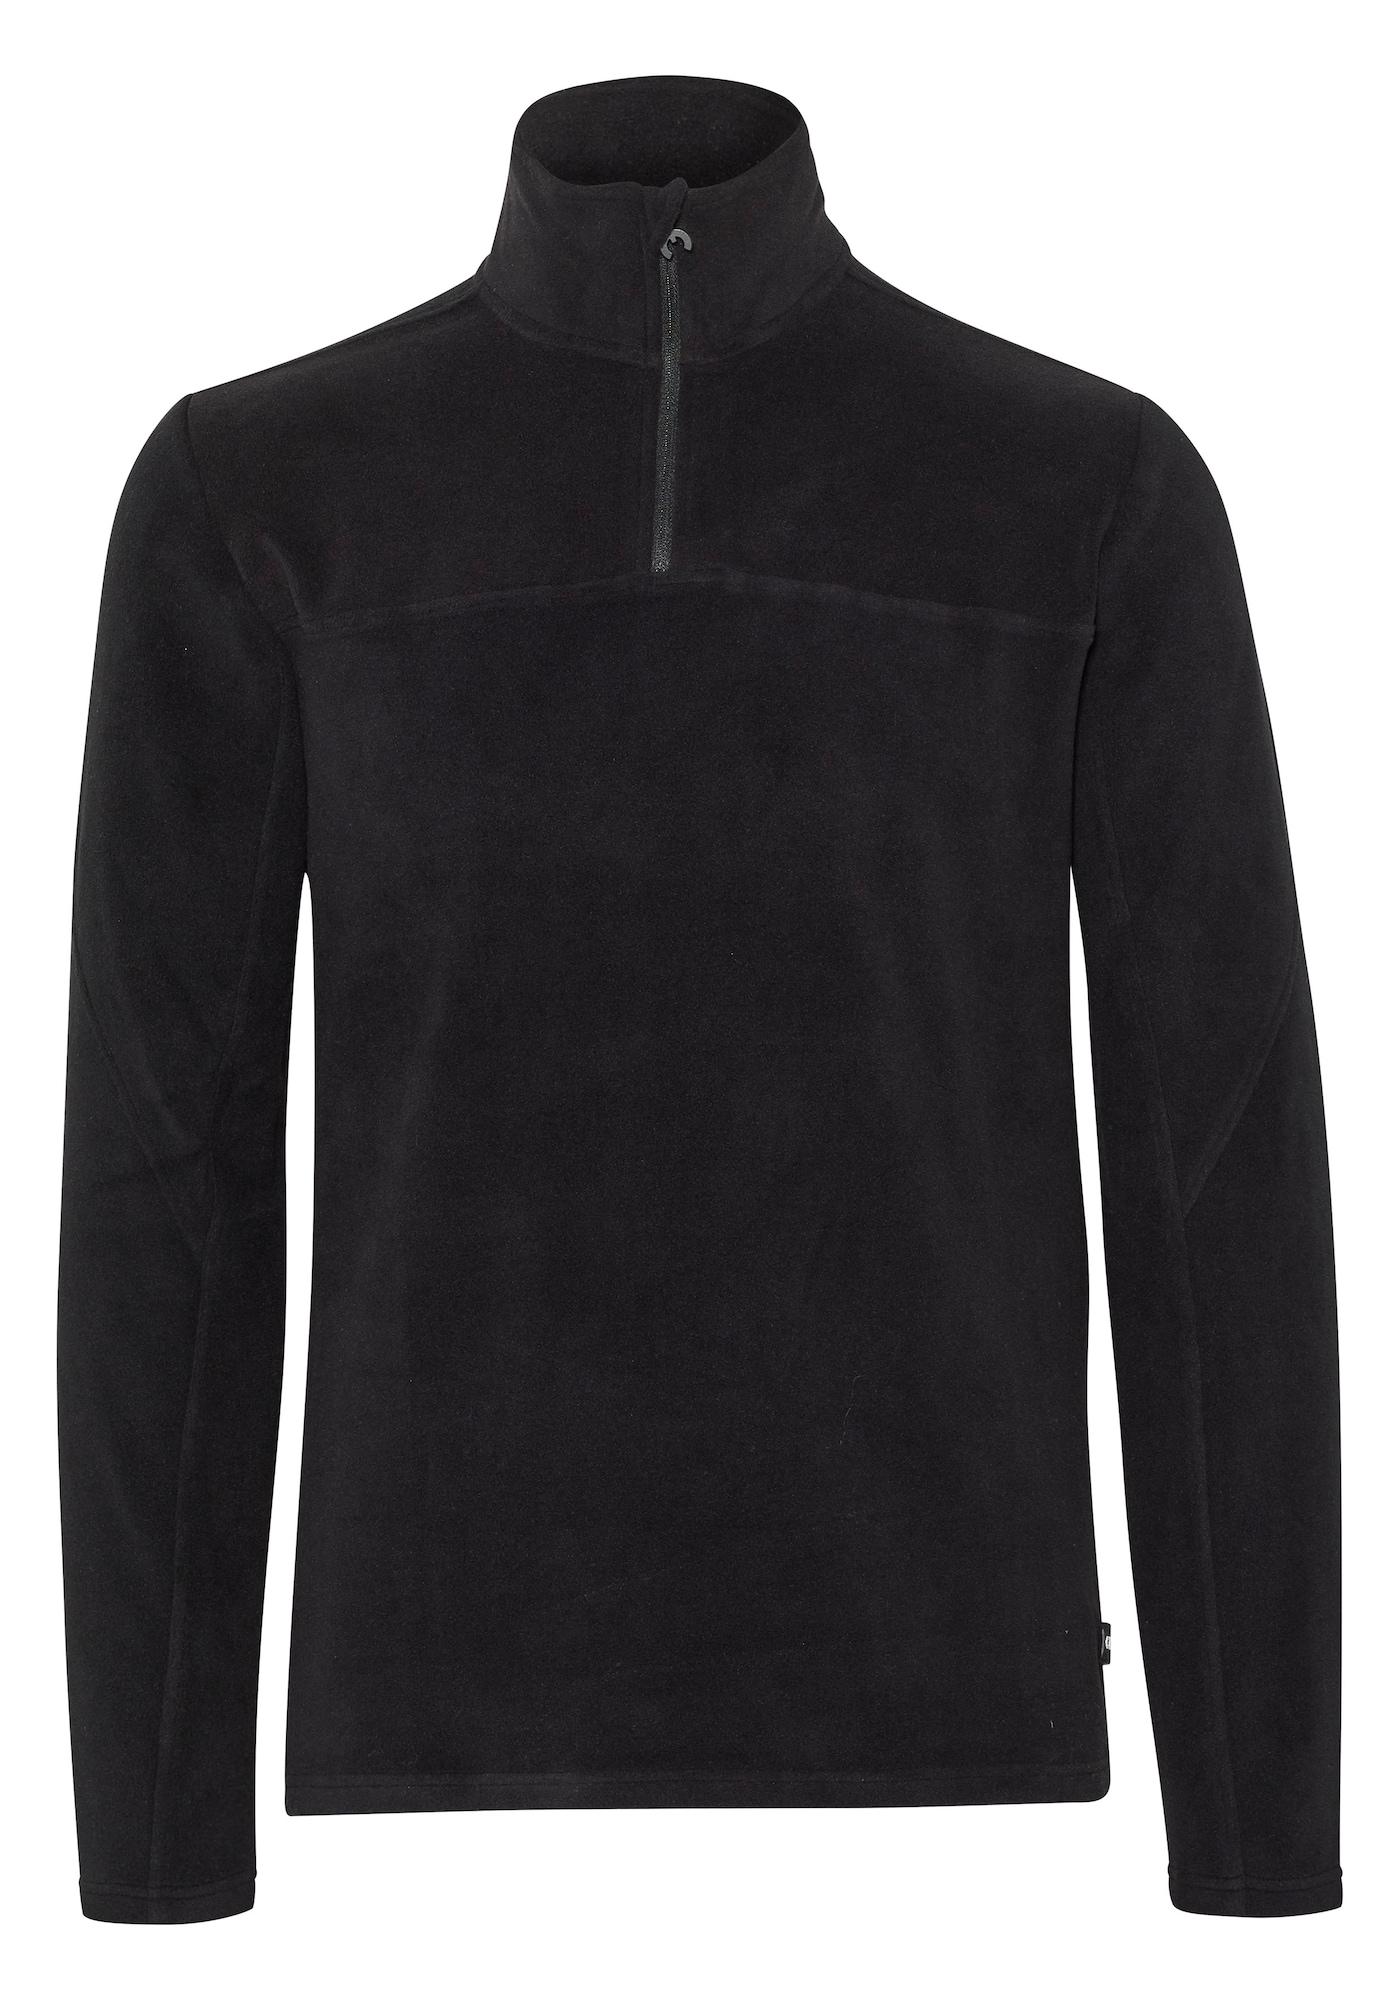 CHIEMSEE Sportinio tipo megztinis juoda